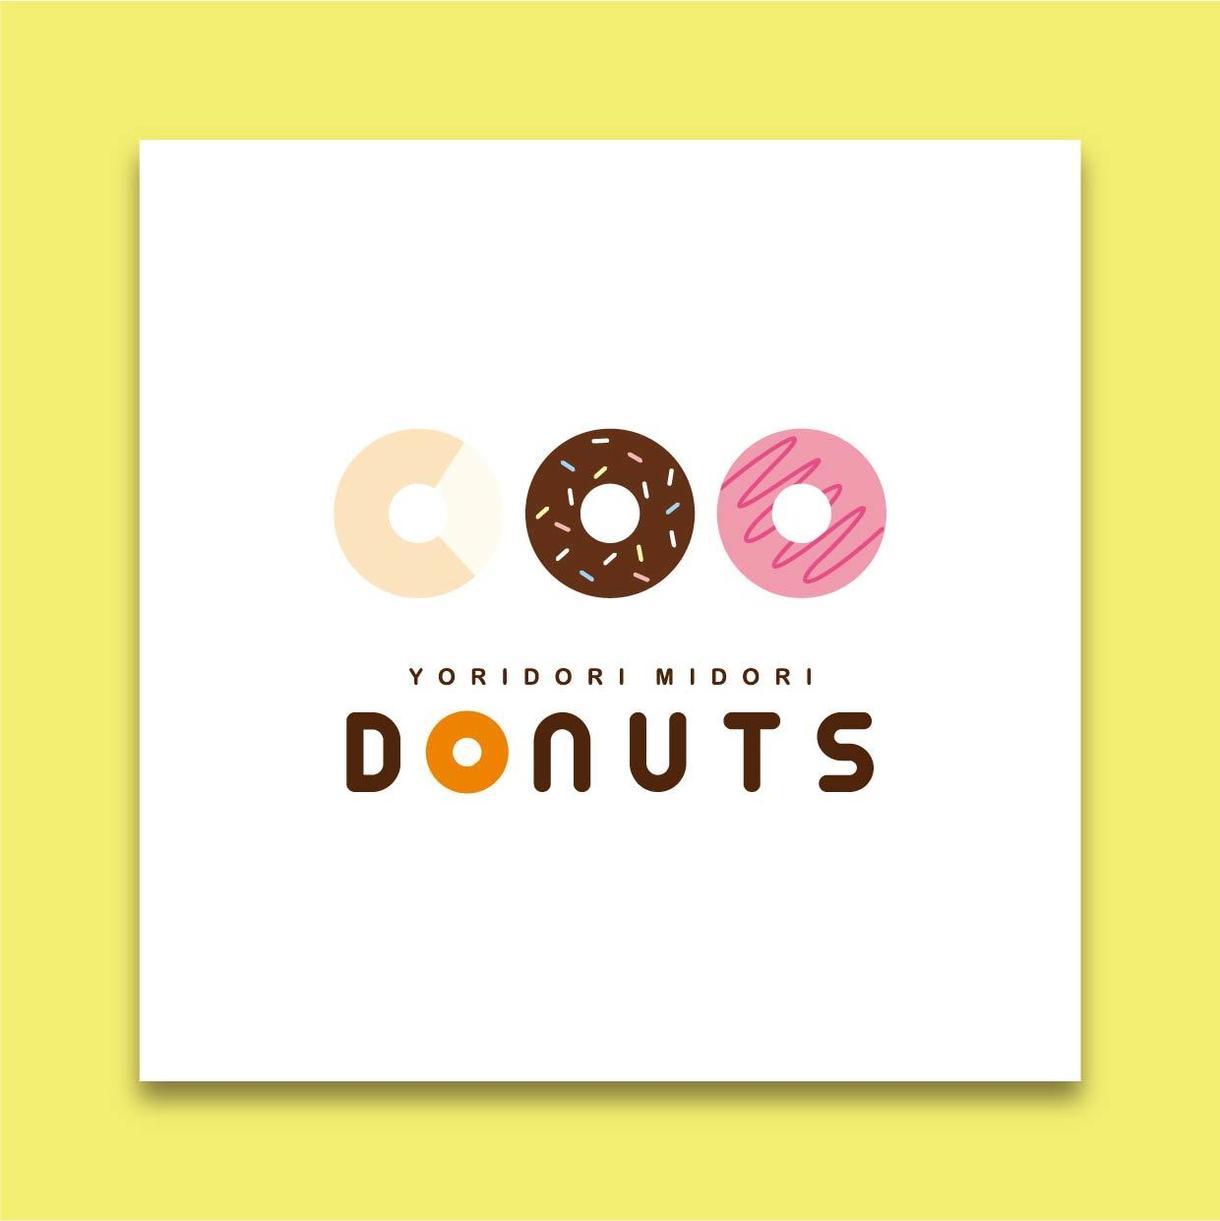 かわいい!プロがポップなロゴをデザインします なんだか癒される…。そんなかわいいロゴをご提供いたします イメージ1